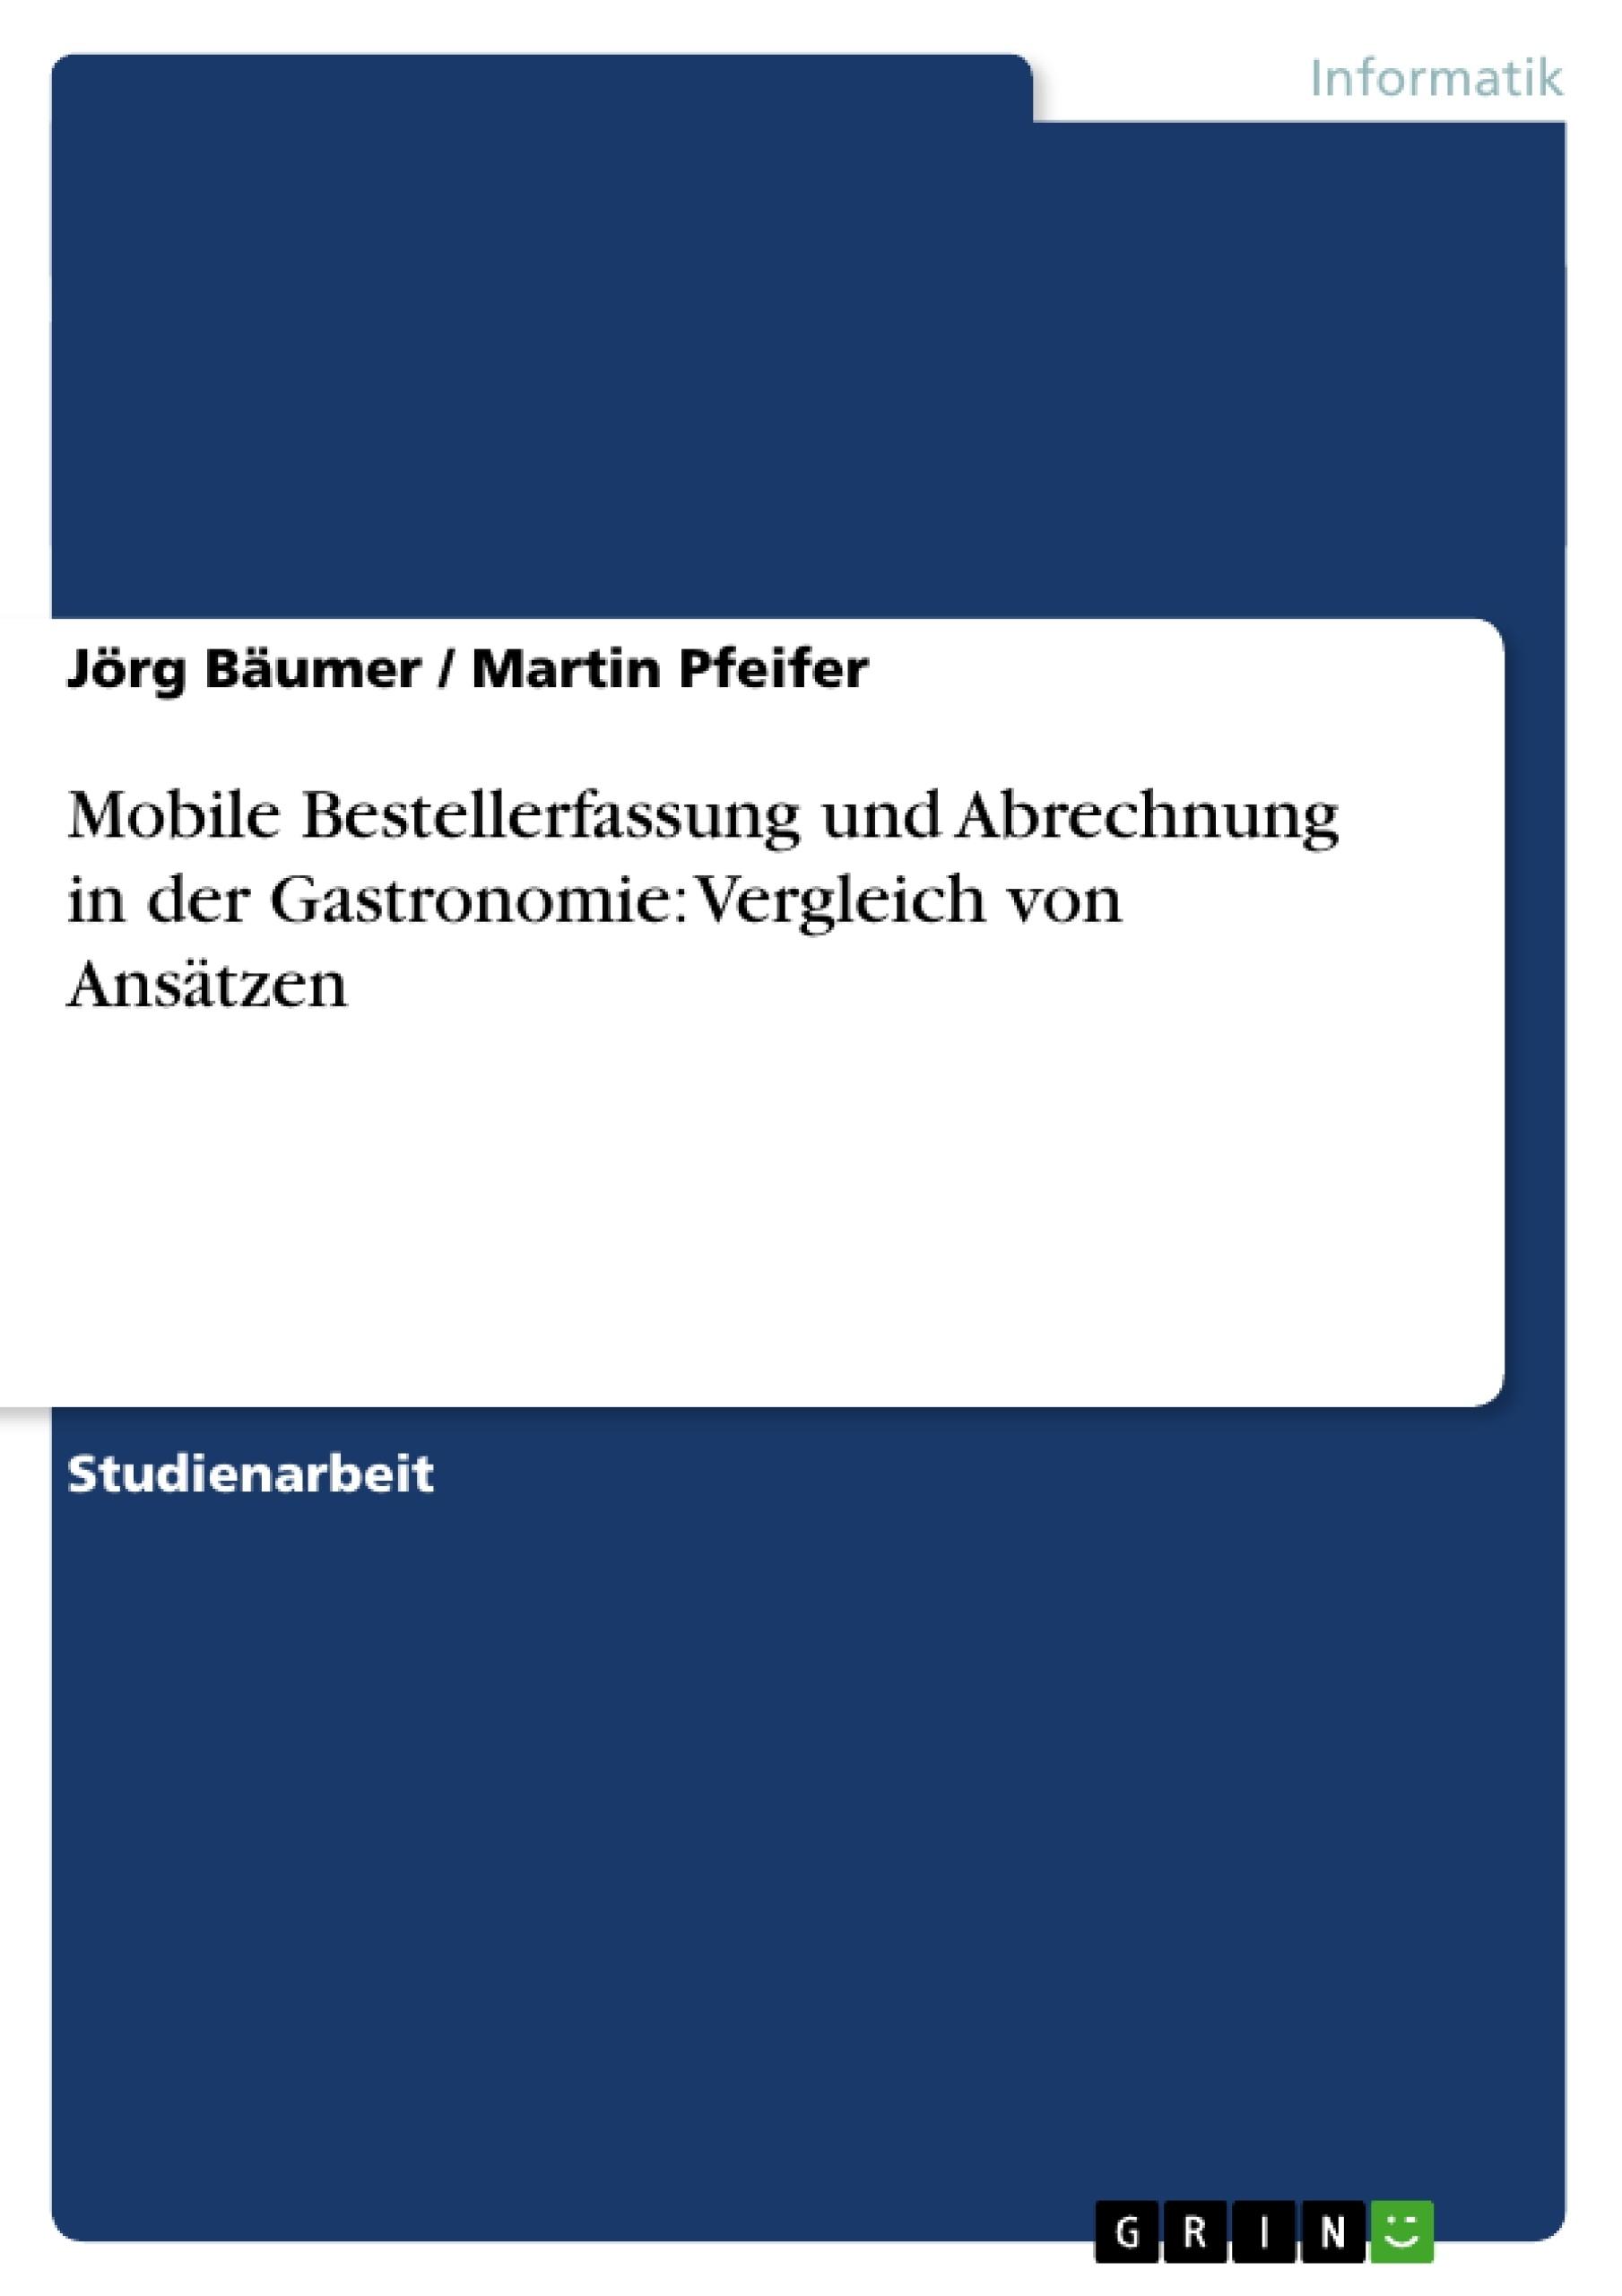 Titel: Mobile Bestellerfassung und Abrechnung in der Gastronomie: Vergleich von Ansätzen